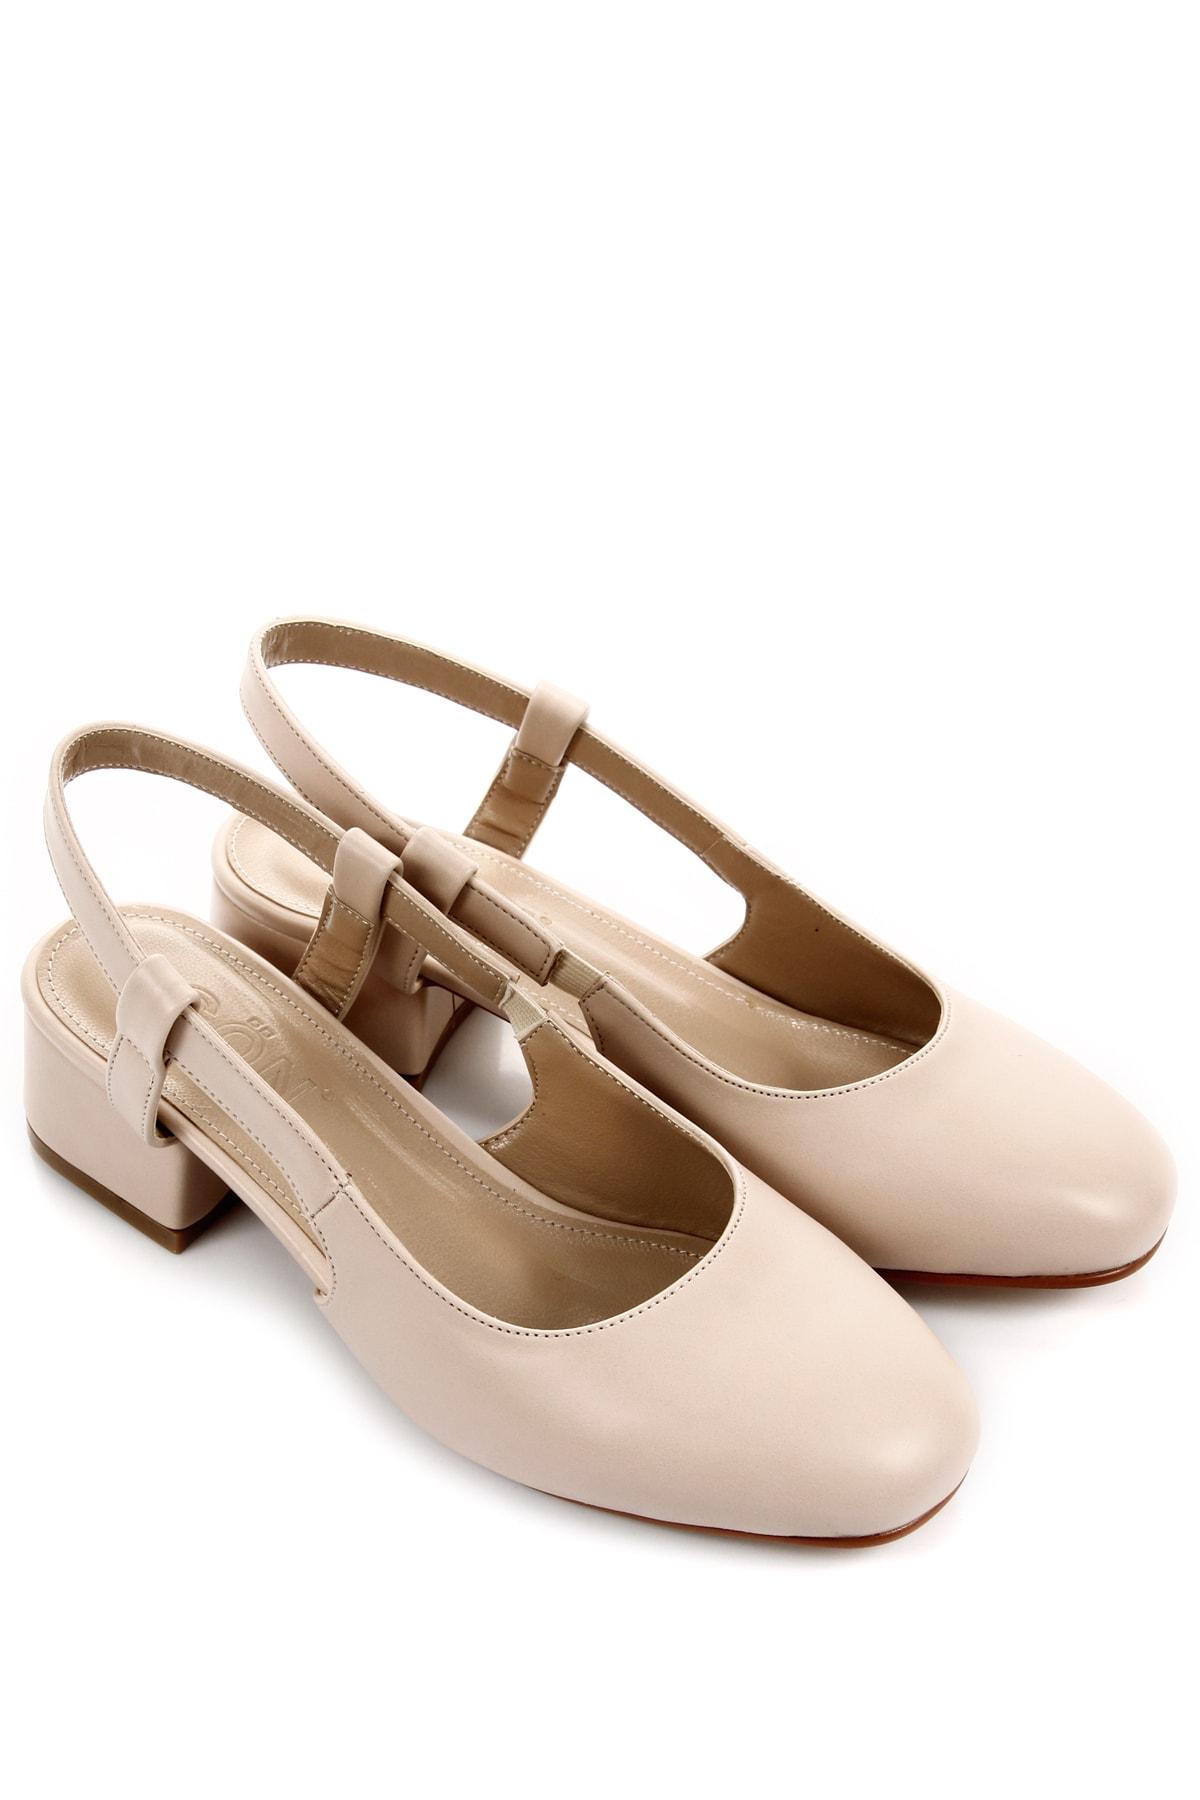 GÖN Krem Kadın Casual Ayakkabı DYZA53535360